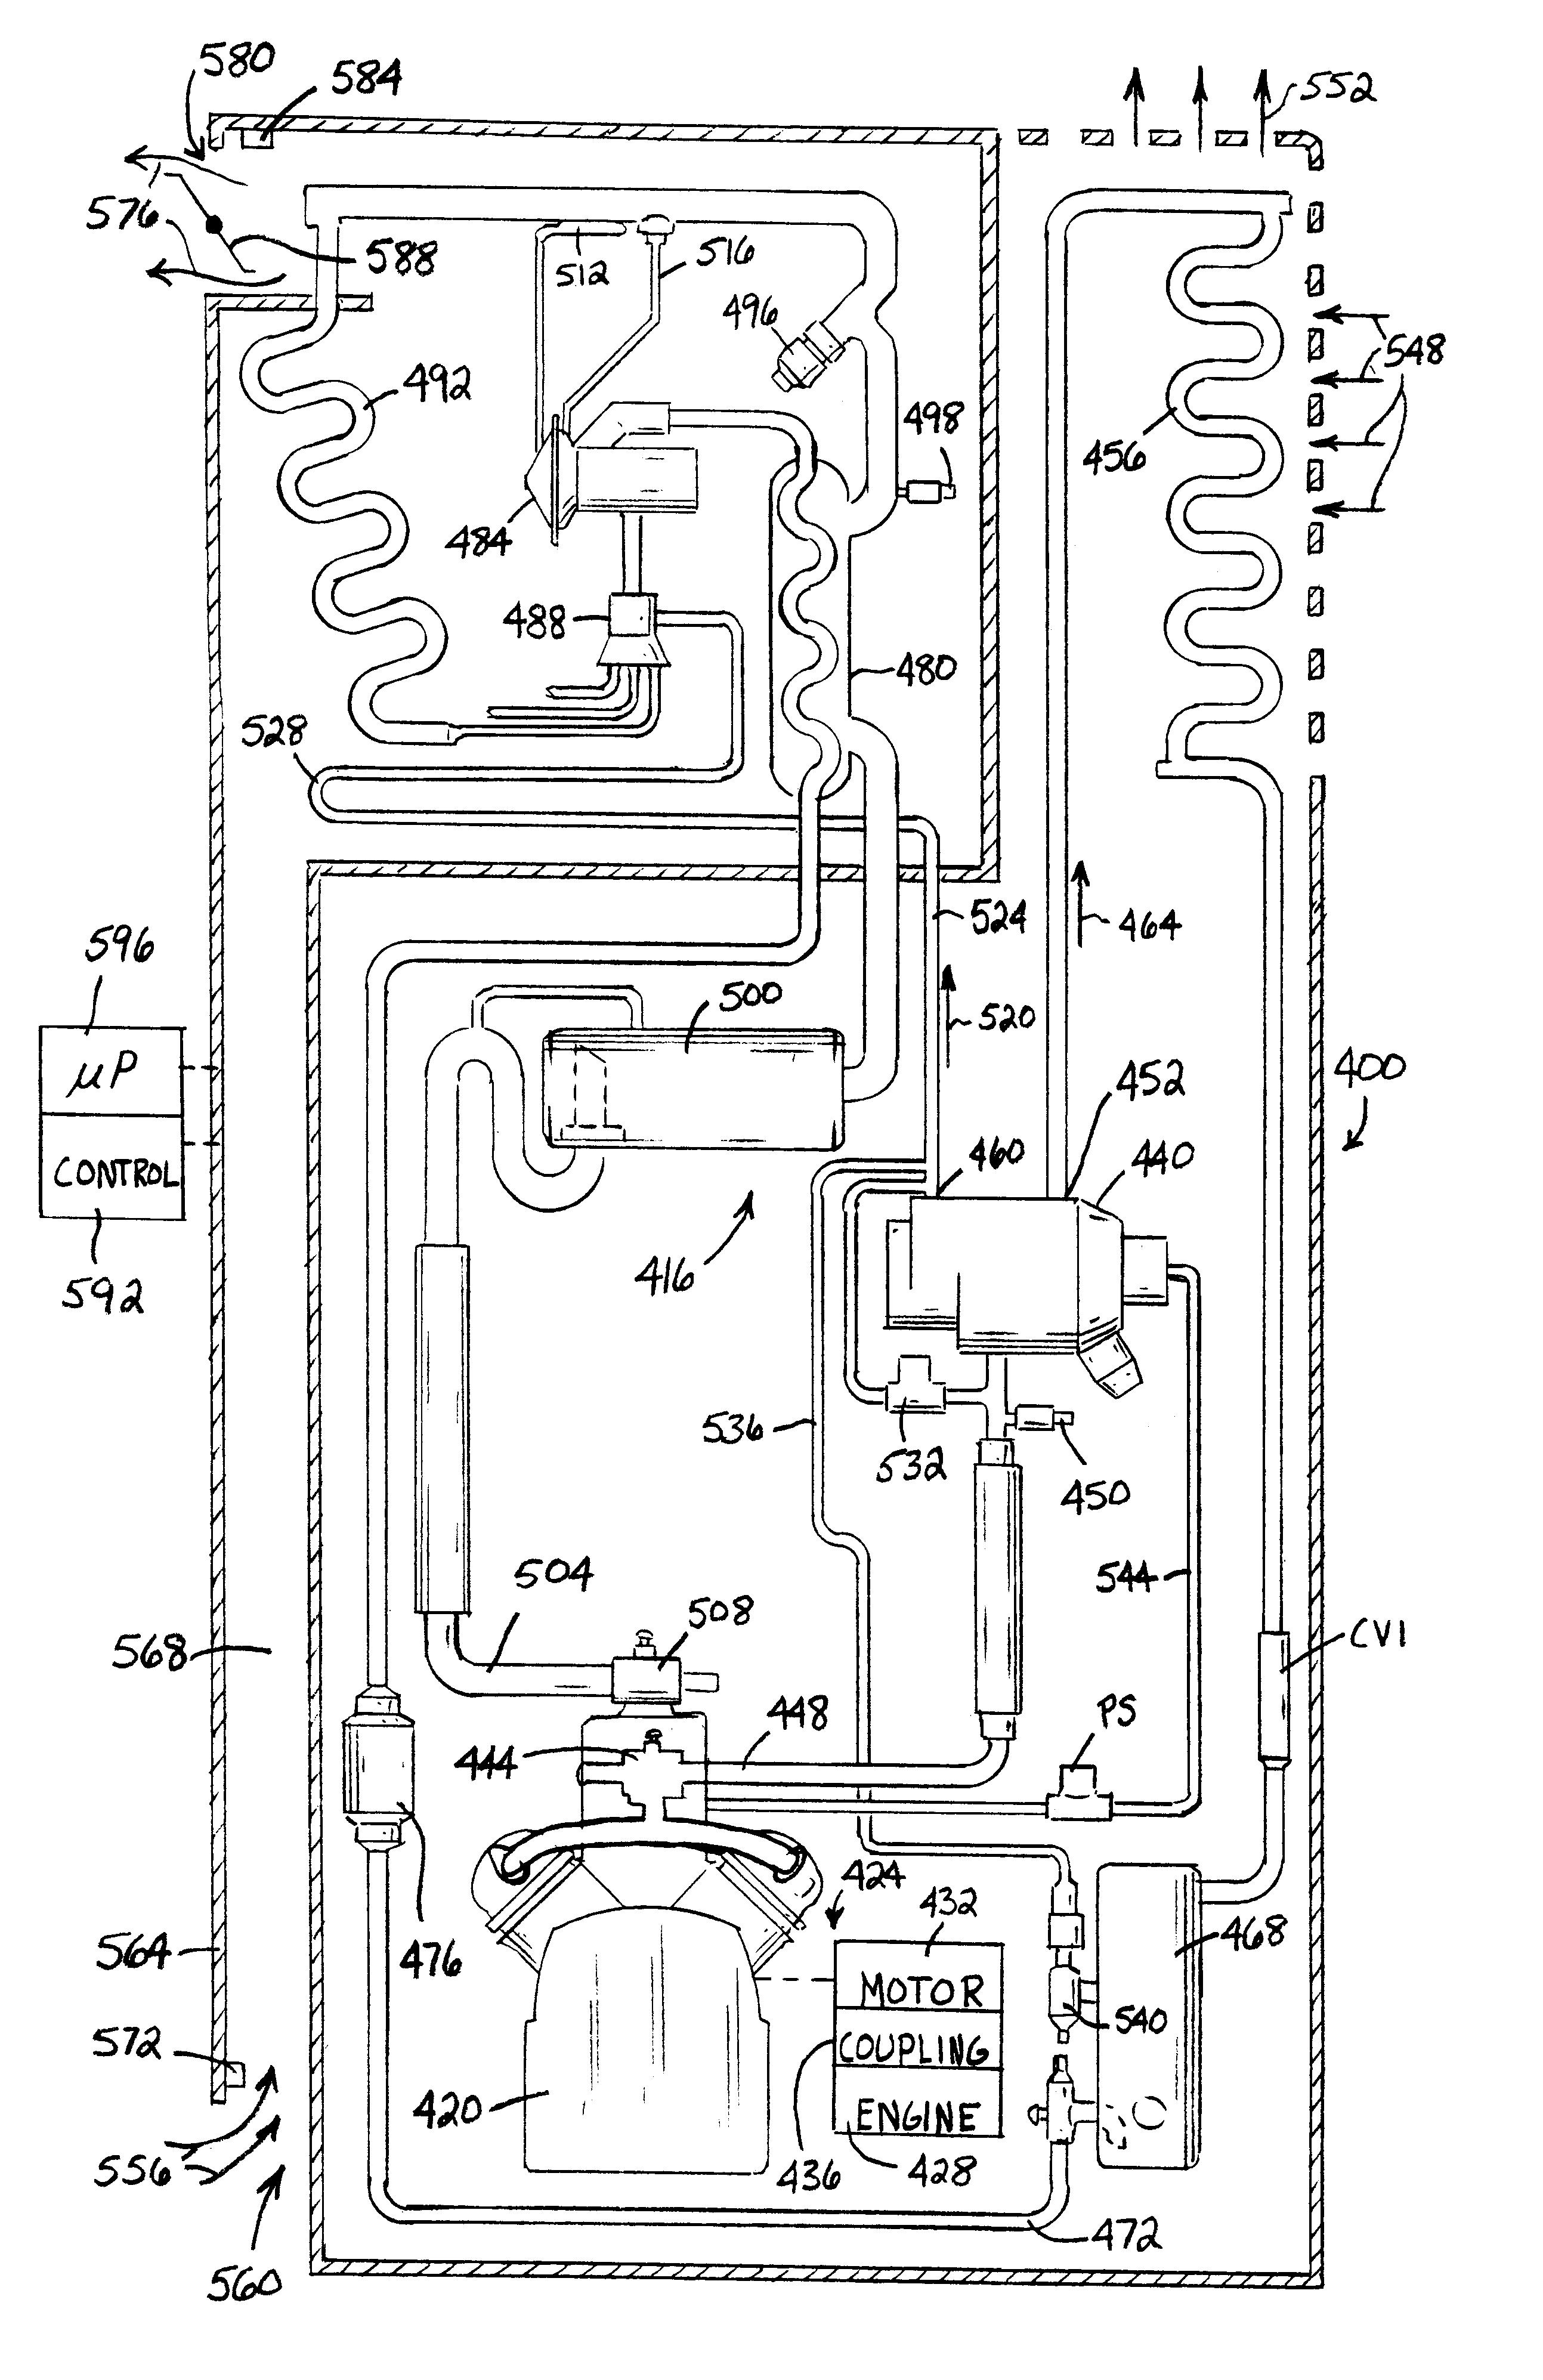 Free thermoking Tripac repair Manual